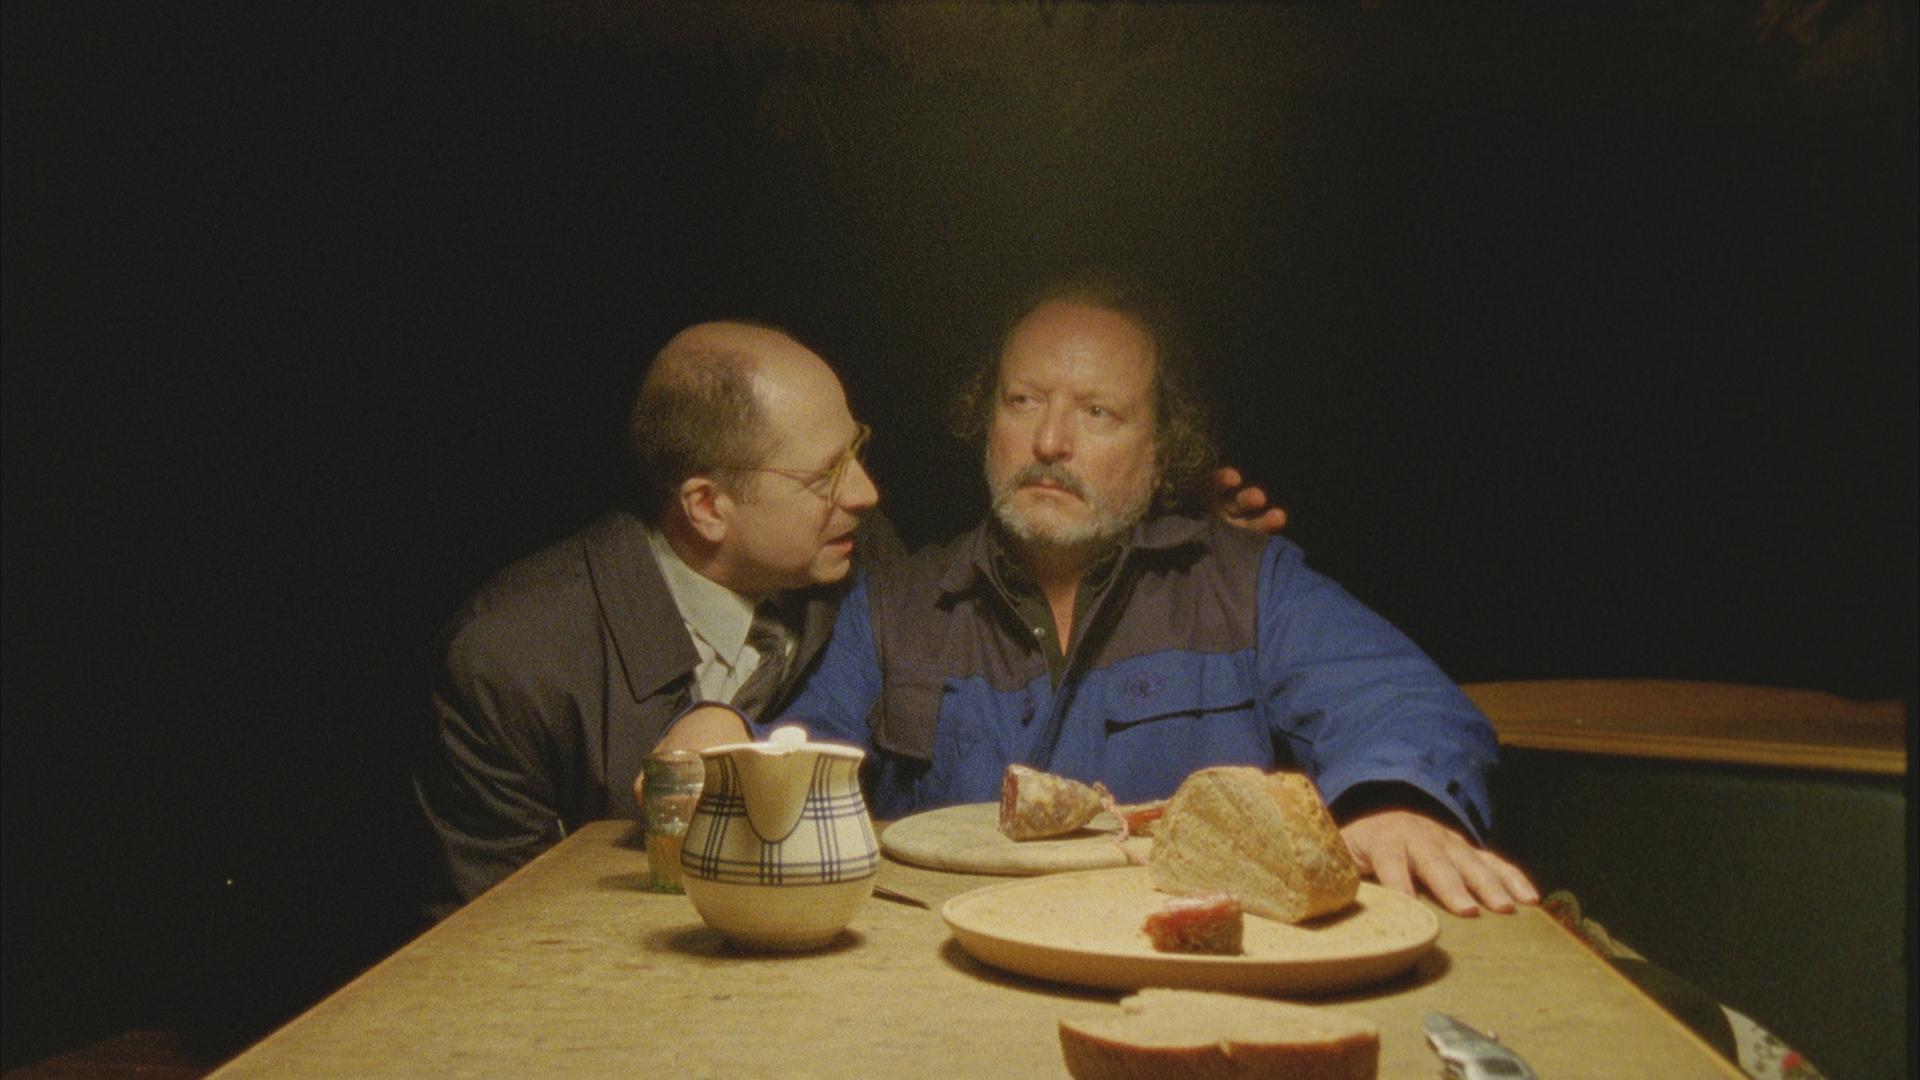 Peter Kaghanovitch and Markus Vogelbacher in Electric Light - elektrisches Licht in einer kleinen Stadt (2022)